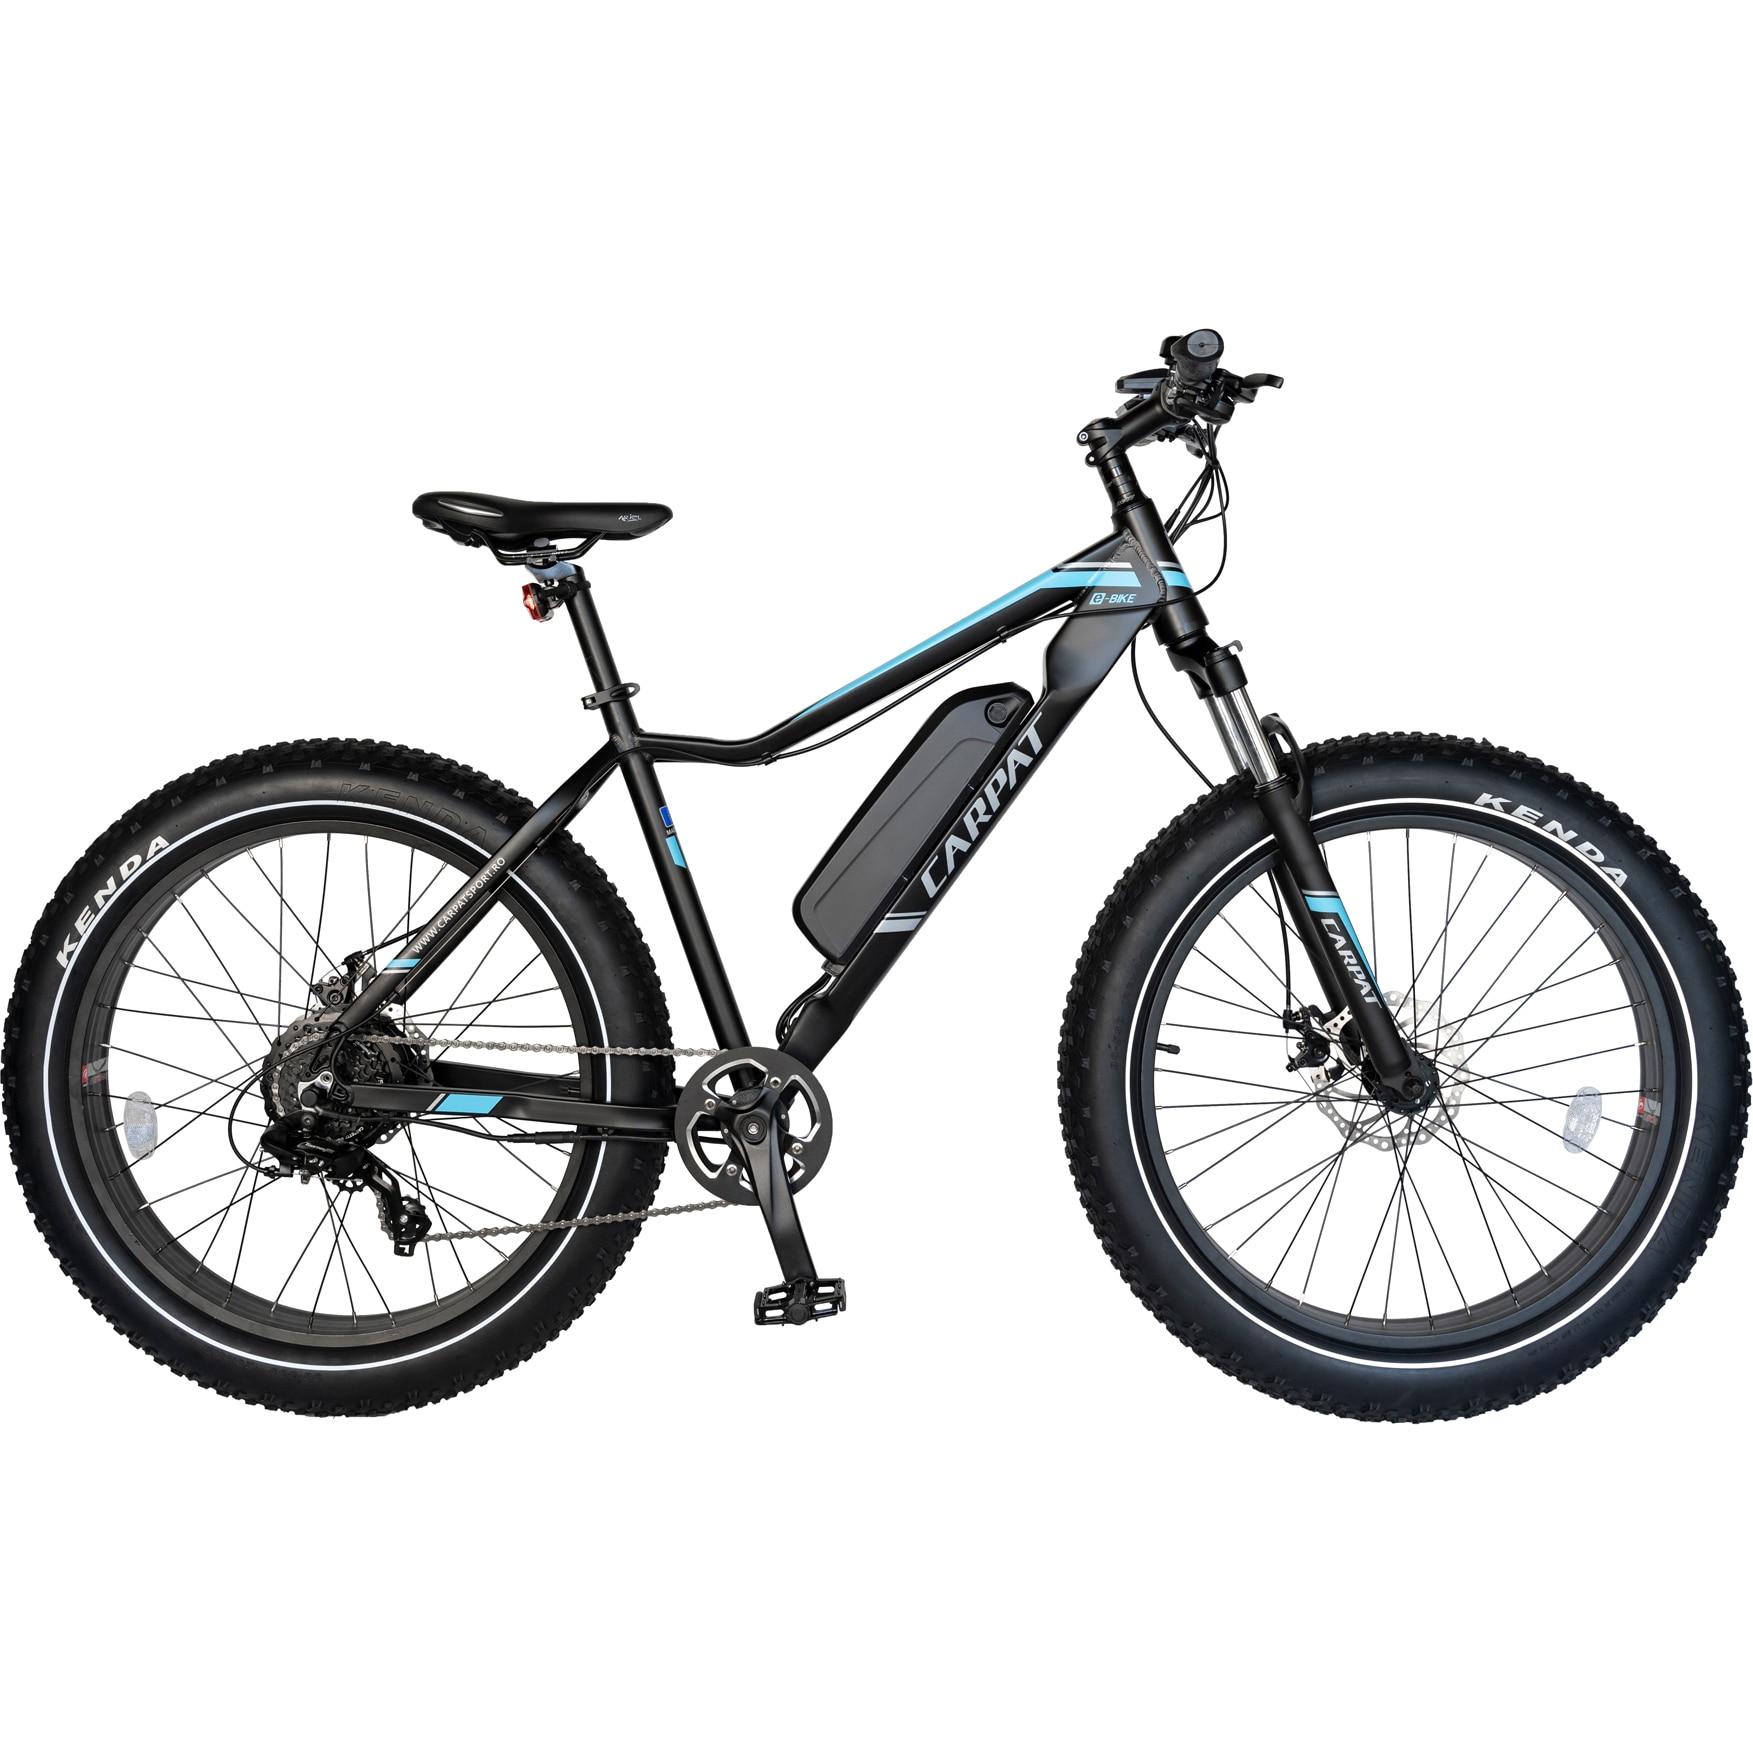 Fotografie Bicicleta FAT BIKE Electric Carpat C1002E, Negru/Albastru